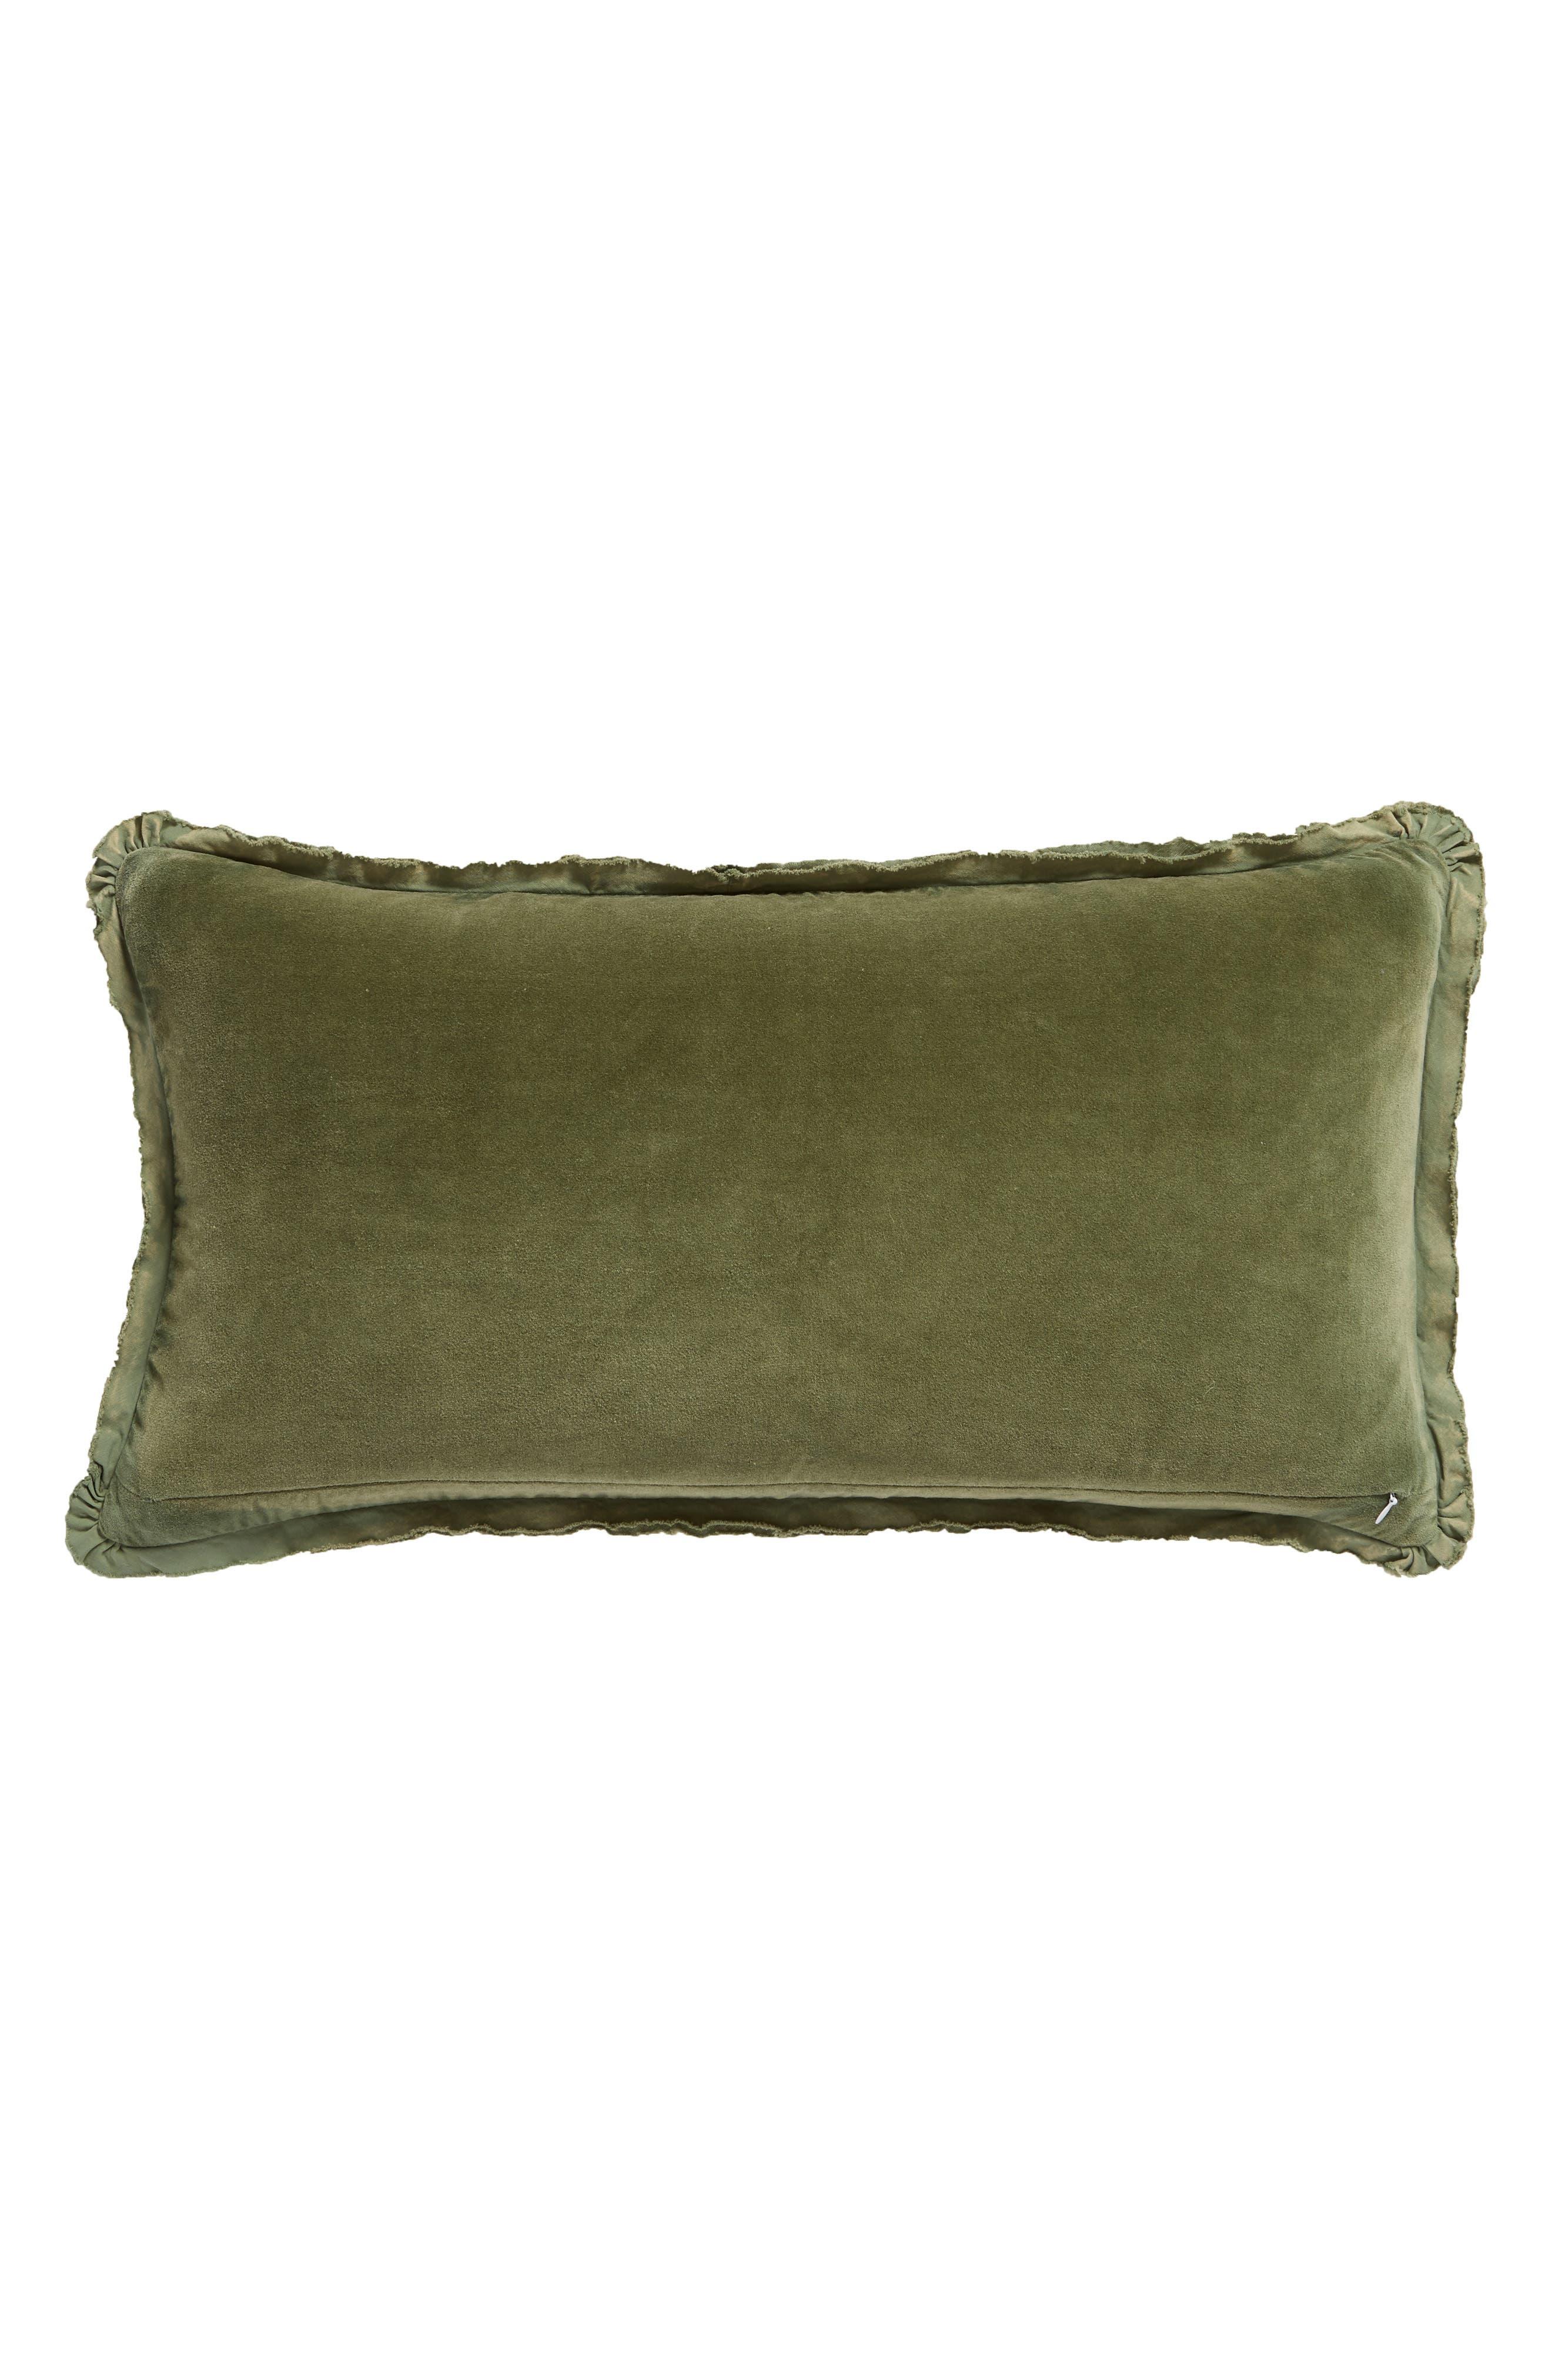 Velvet Accent Pillow,                             Alternate thumbnail 2, color,                             GREEN SORREL